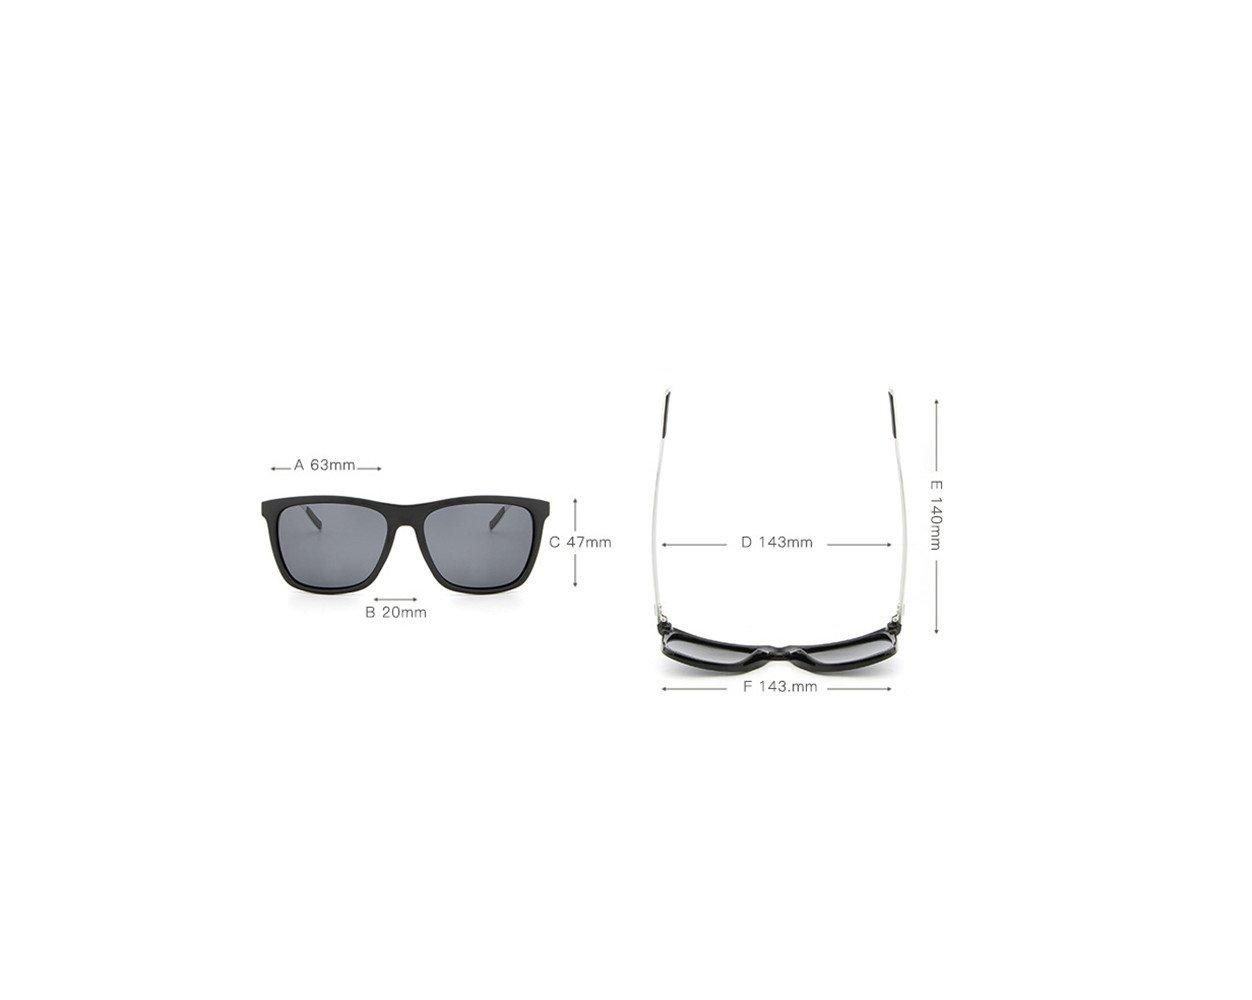 RFVBNM Gafas de sol de magnesio de Aluminio Gafas de Sol para Hombre Gafas de Sol para el Exterior de la Personalidad de Moda Anti-UV, Lente de Marco marrón ...